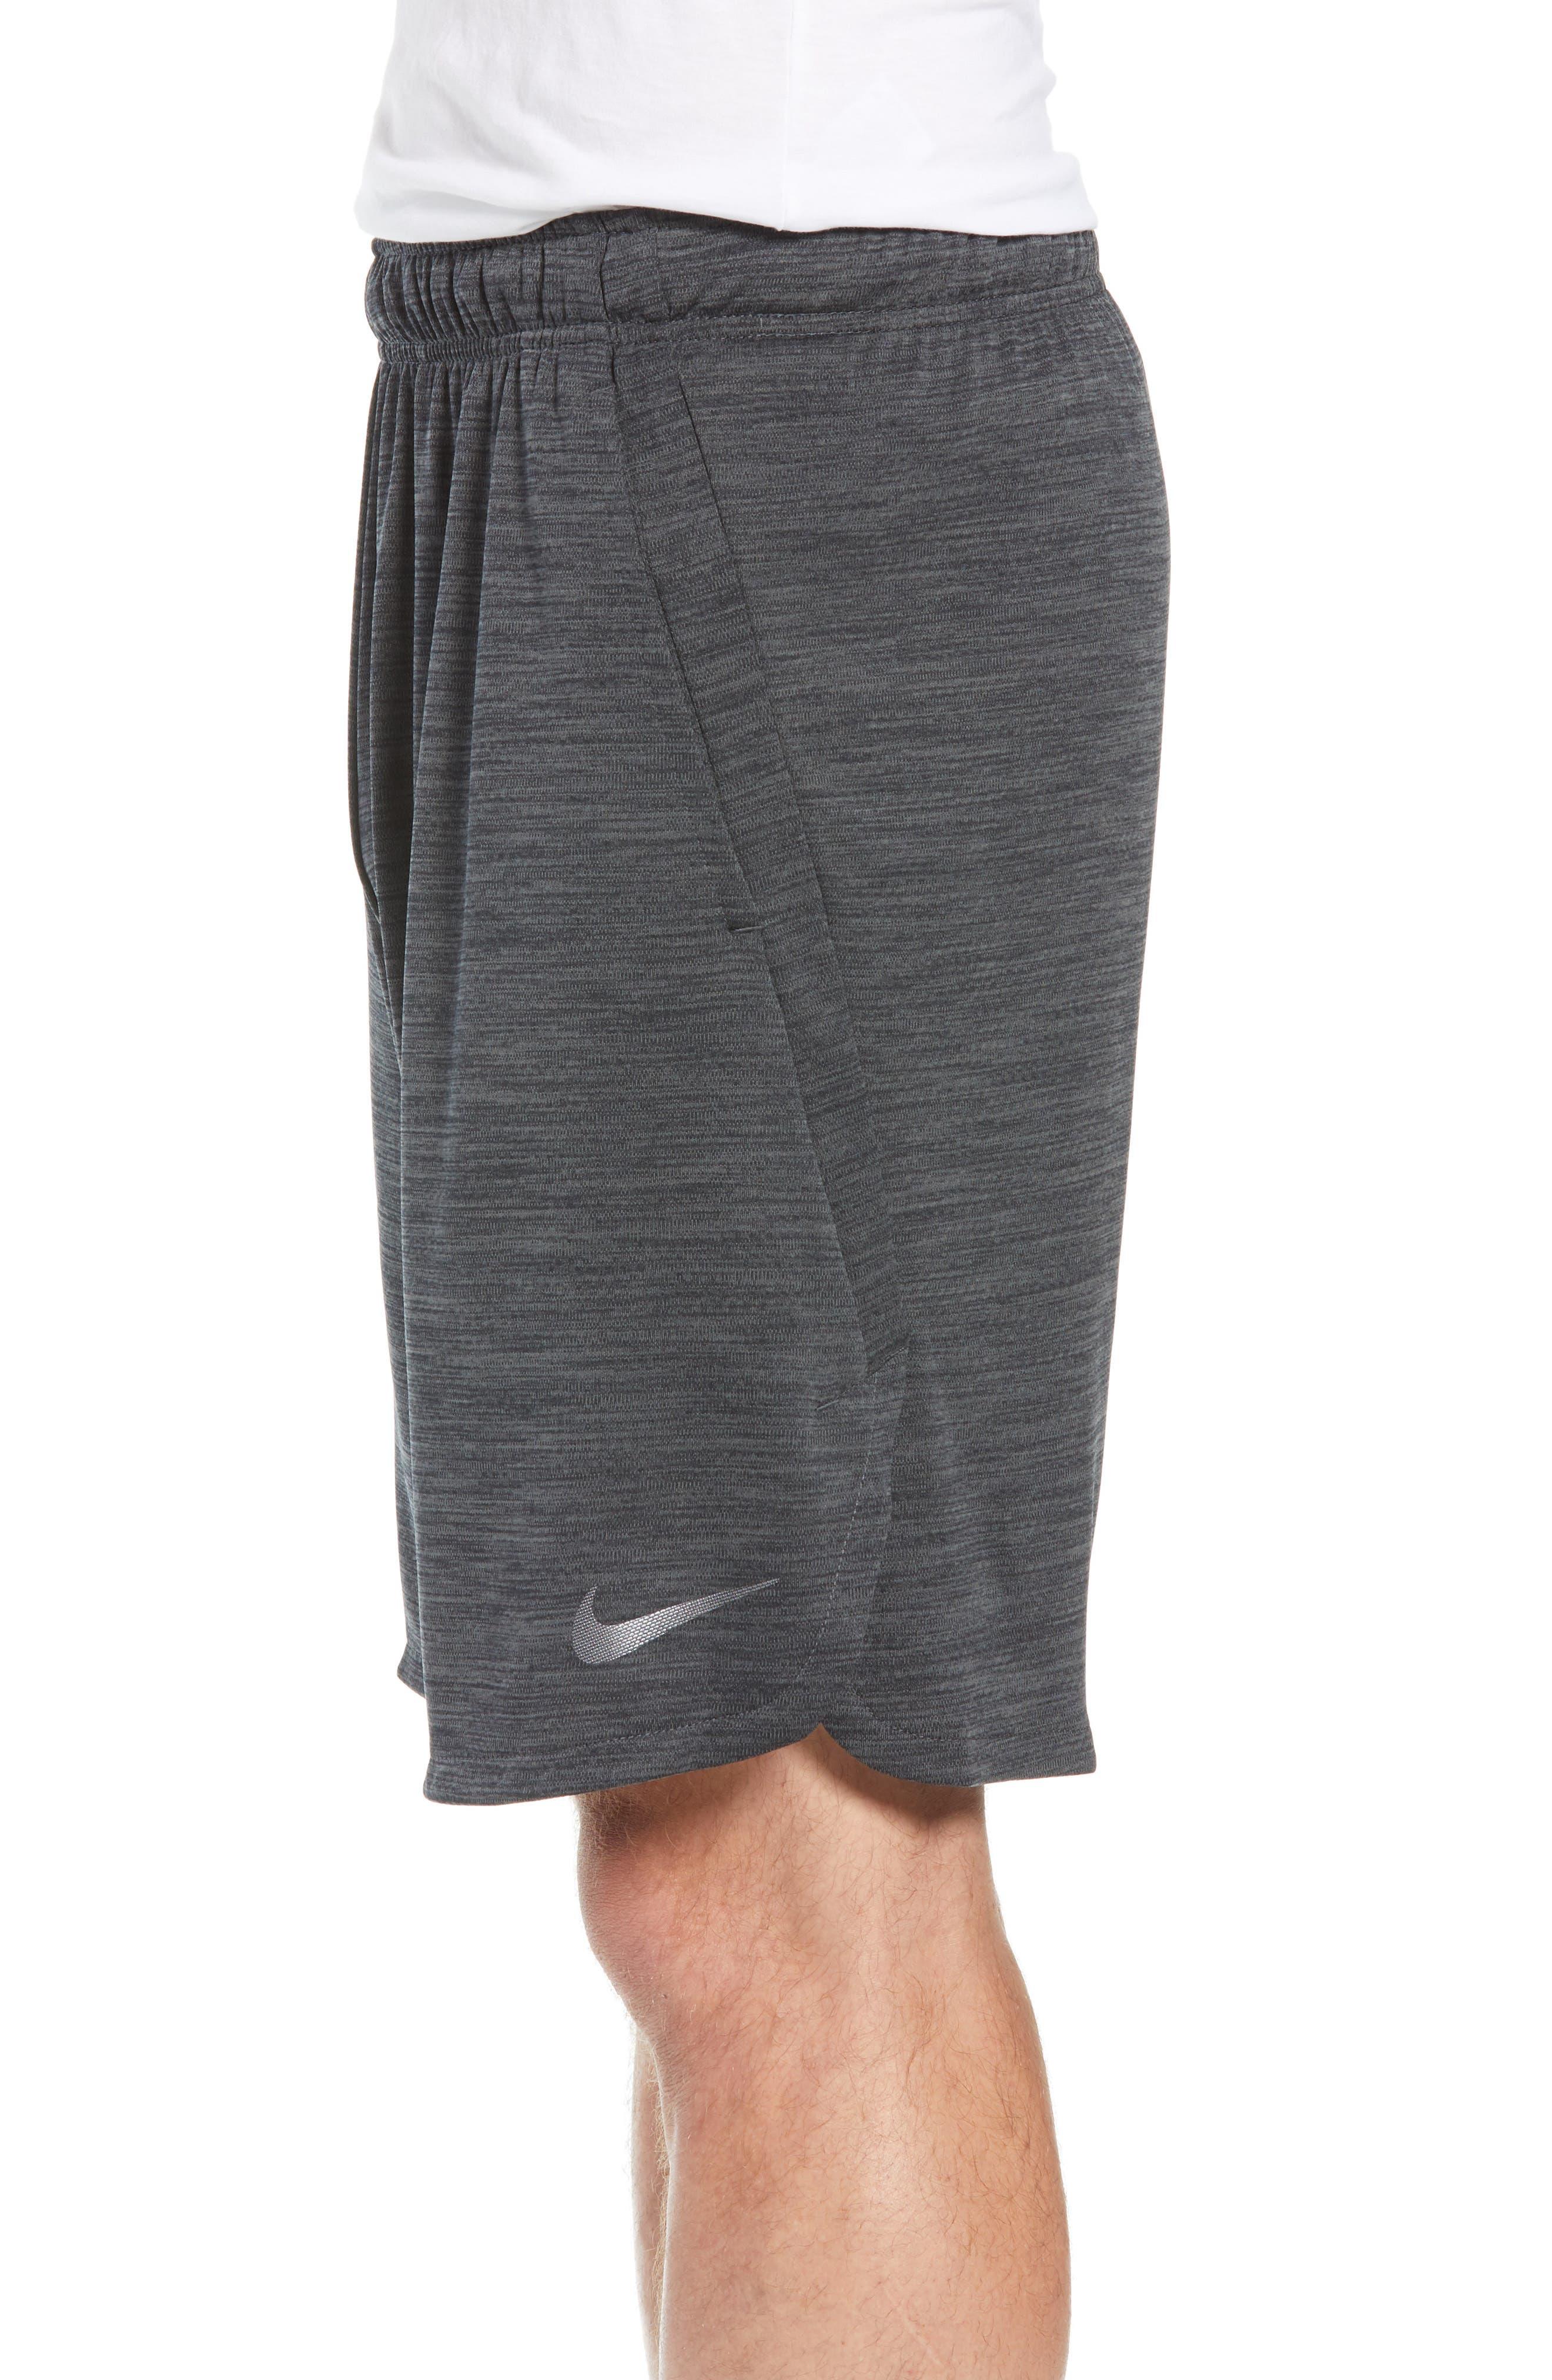 Dry Training Shorts,                             Alternate thumbnail 3, color,                             BLACK